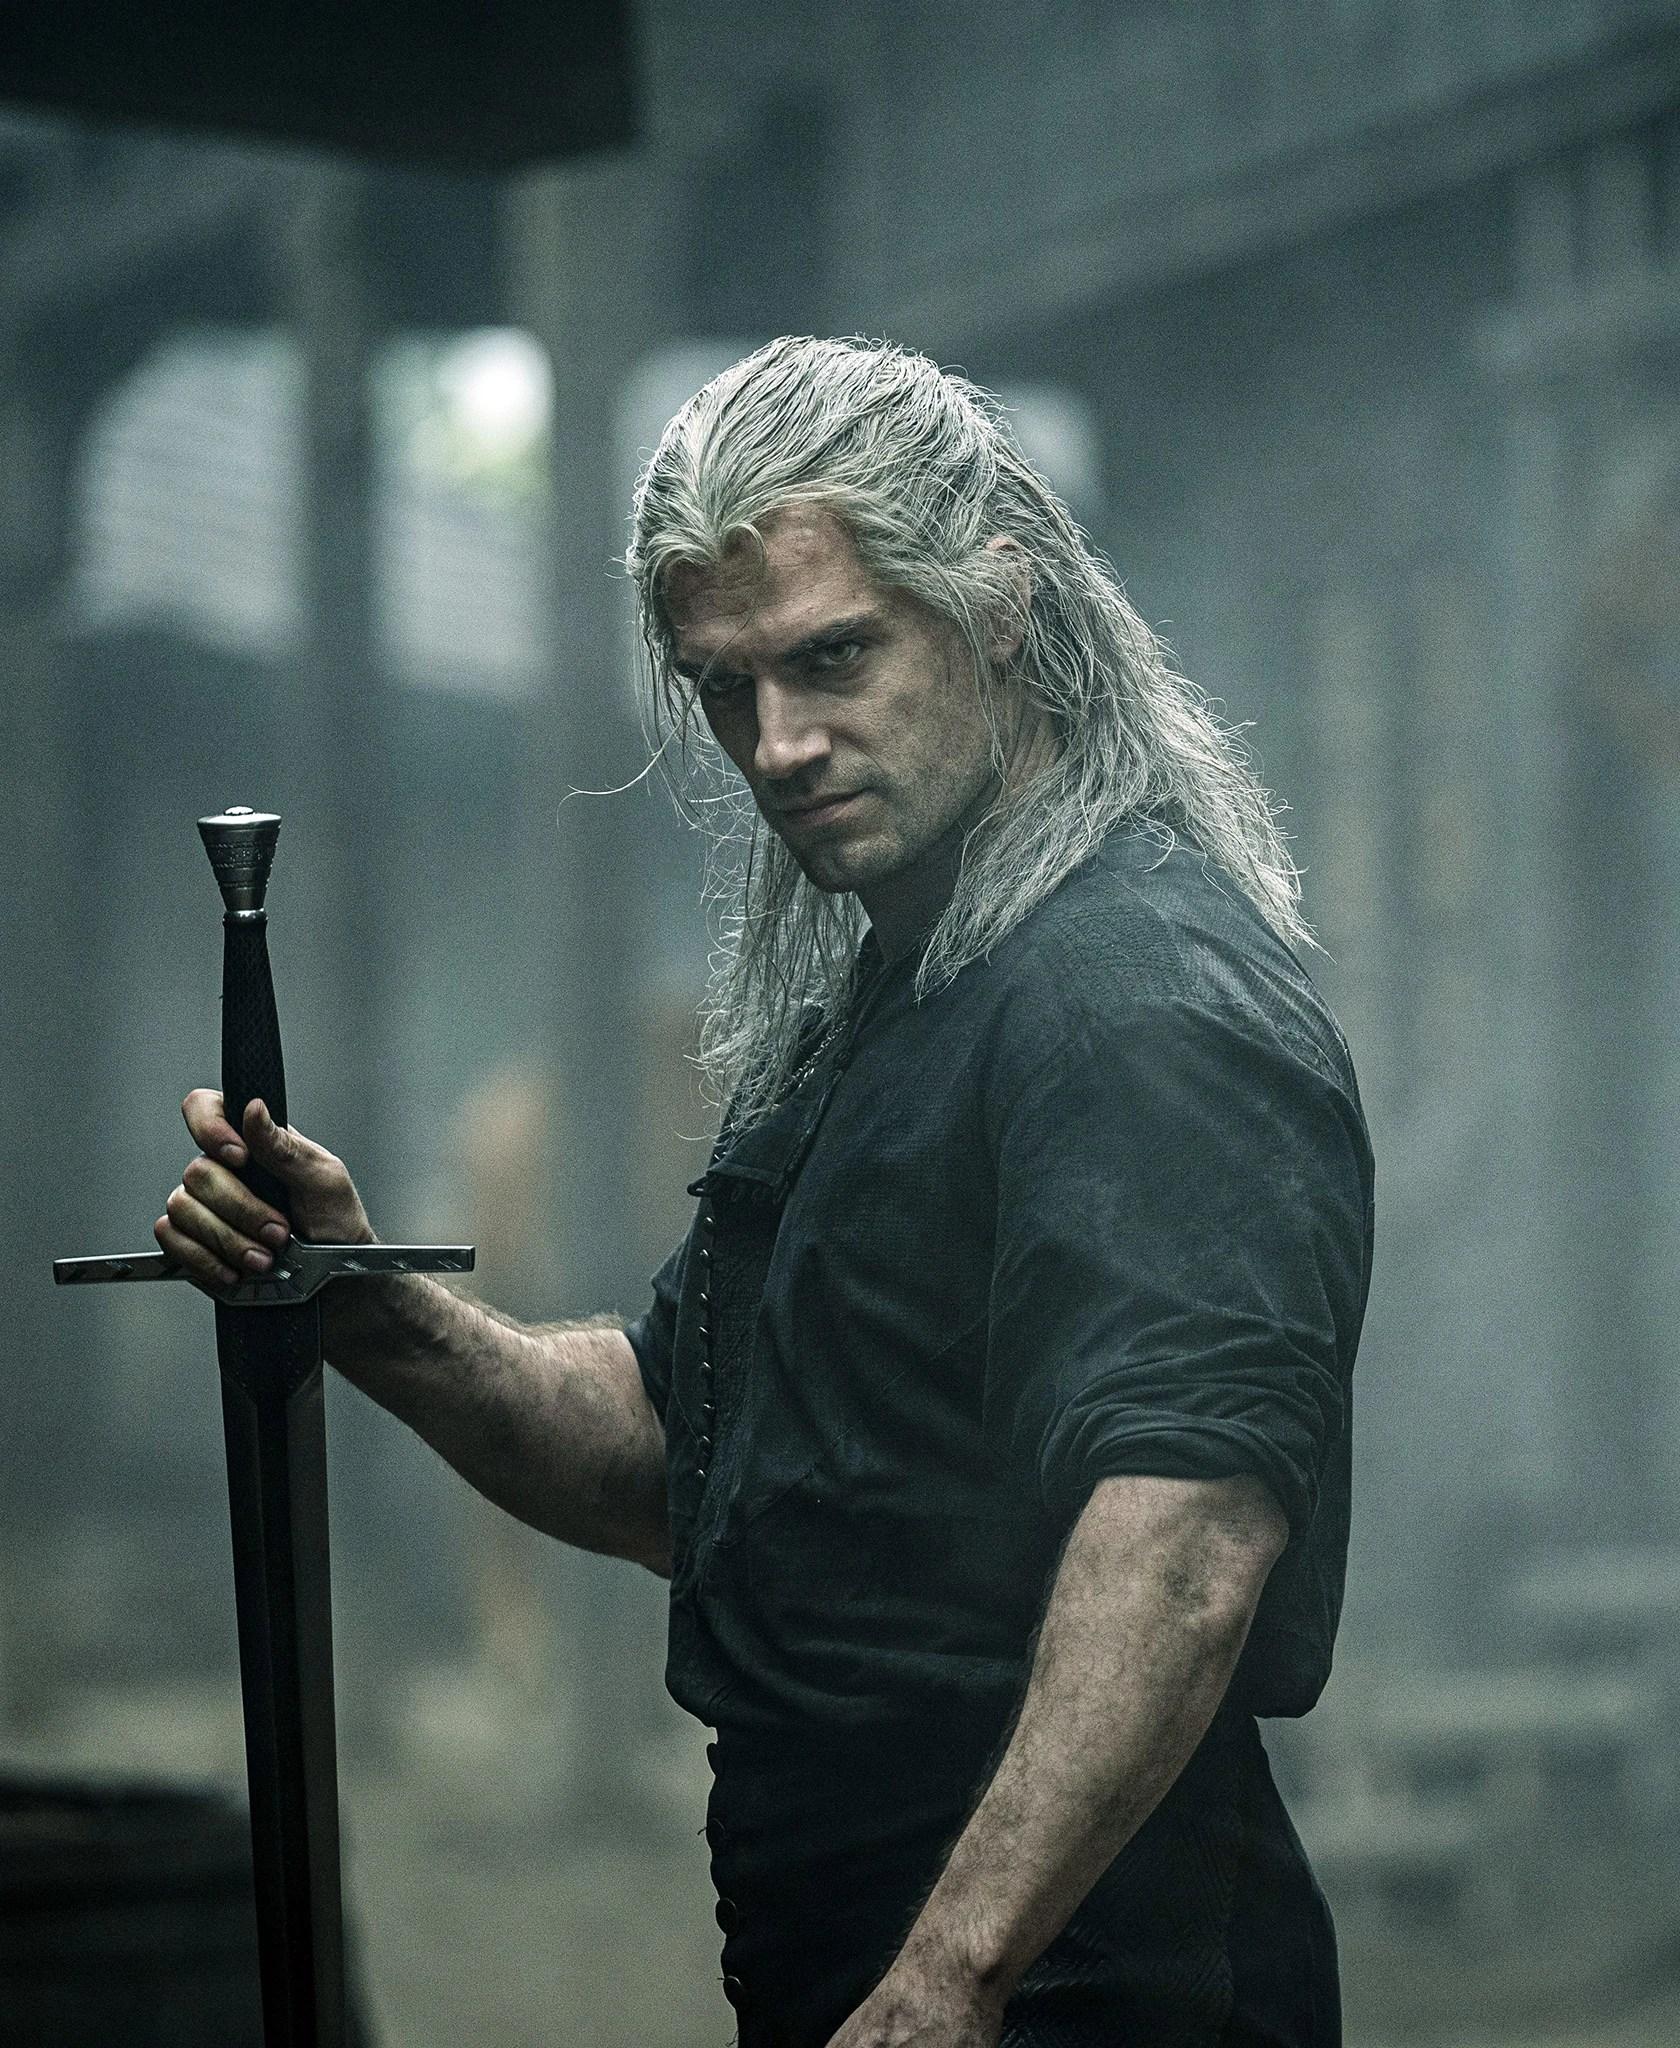 Geralt Of Rivia Hair : geralt, rivia, Geralt, Rivia, Witcher, Fandom